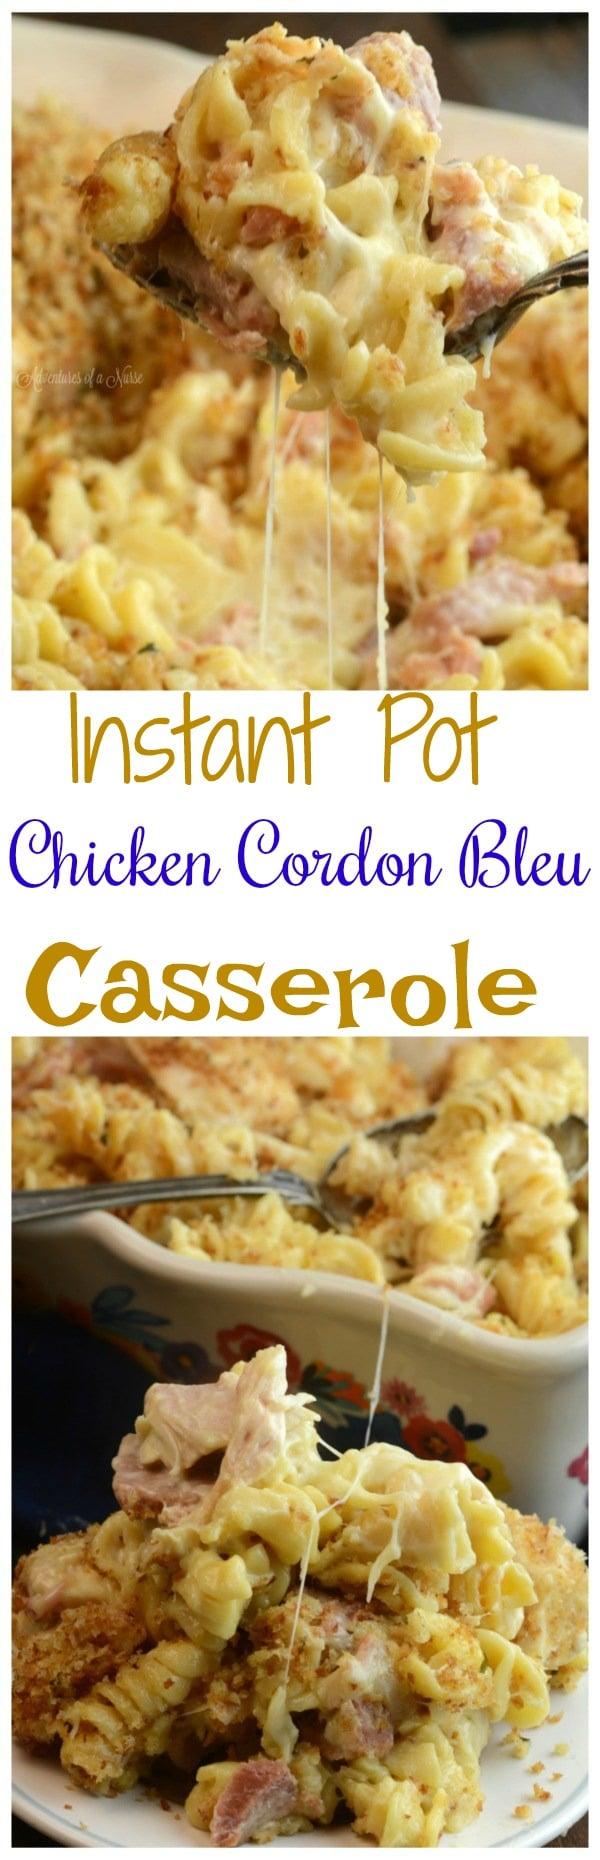 Instant Pot Chicken Cordon Bleu Casserole